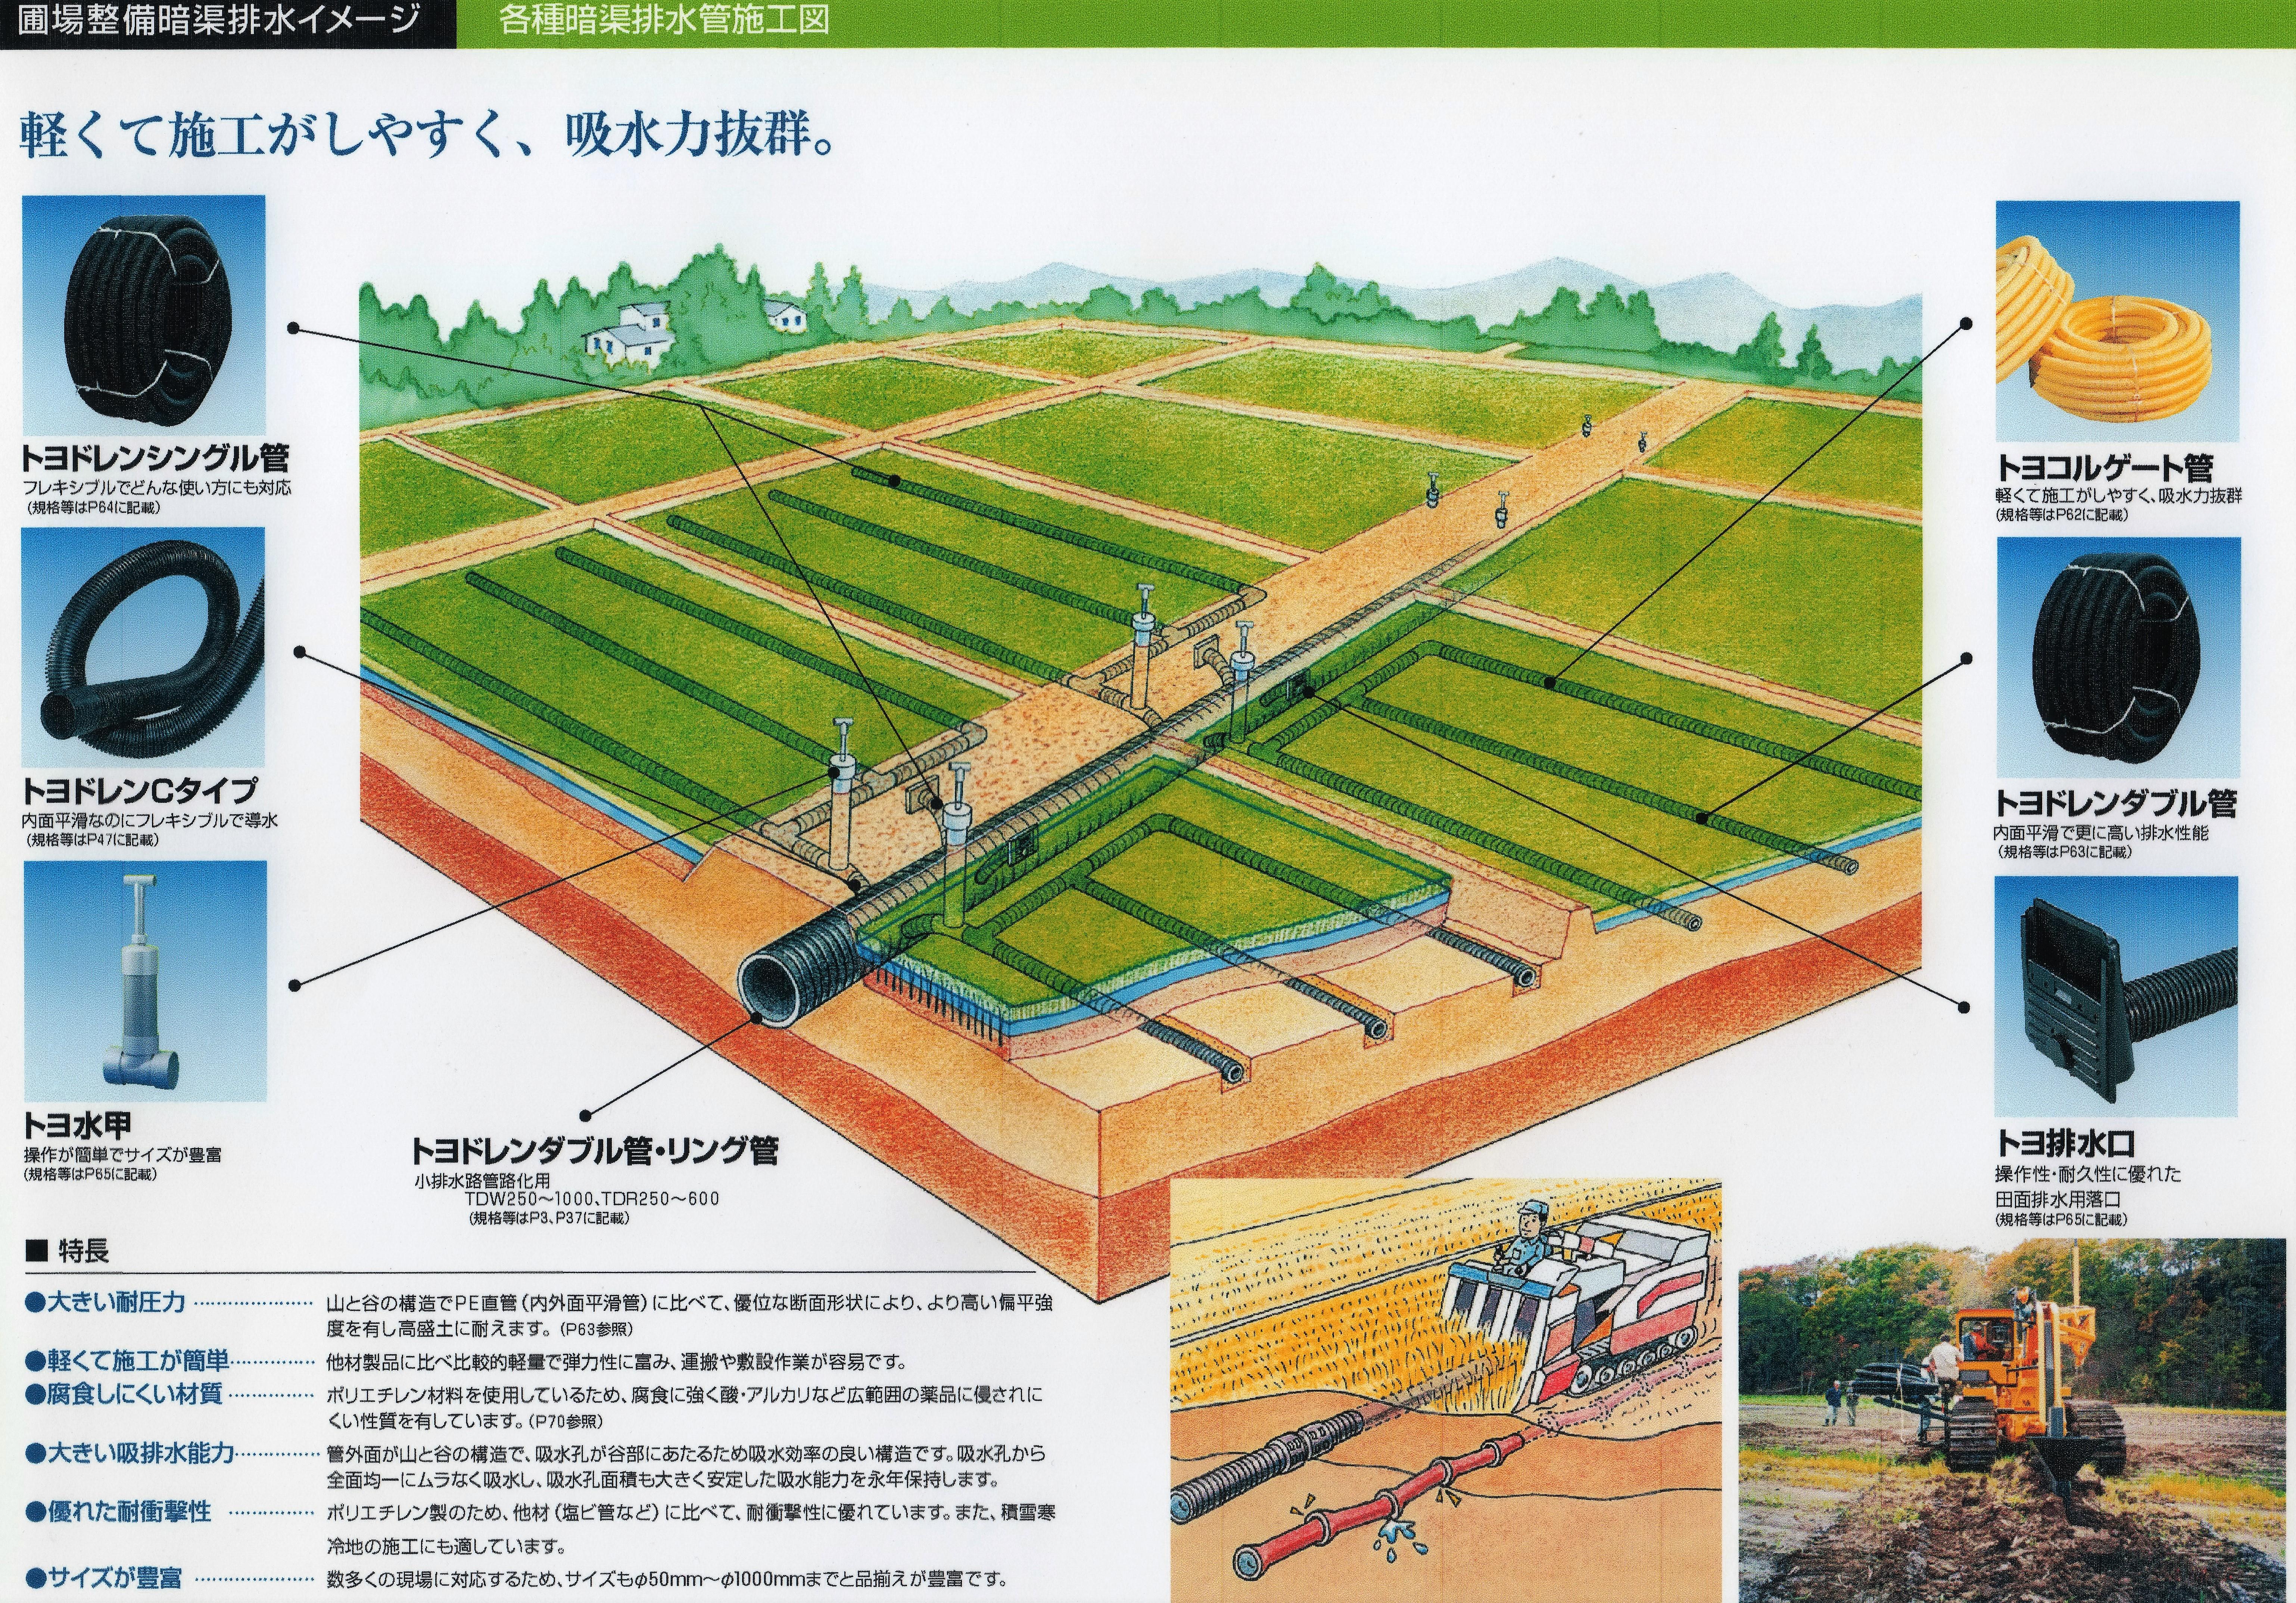 暗渠 暗渠施工 暗渠管 暗渠パイプ 水はけ改善 格安暗渠パイプ 暗渠とは 暗渠写真 暗渠工事 農地改善 暗渠の設計 暗渠について